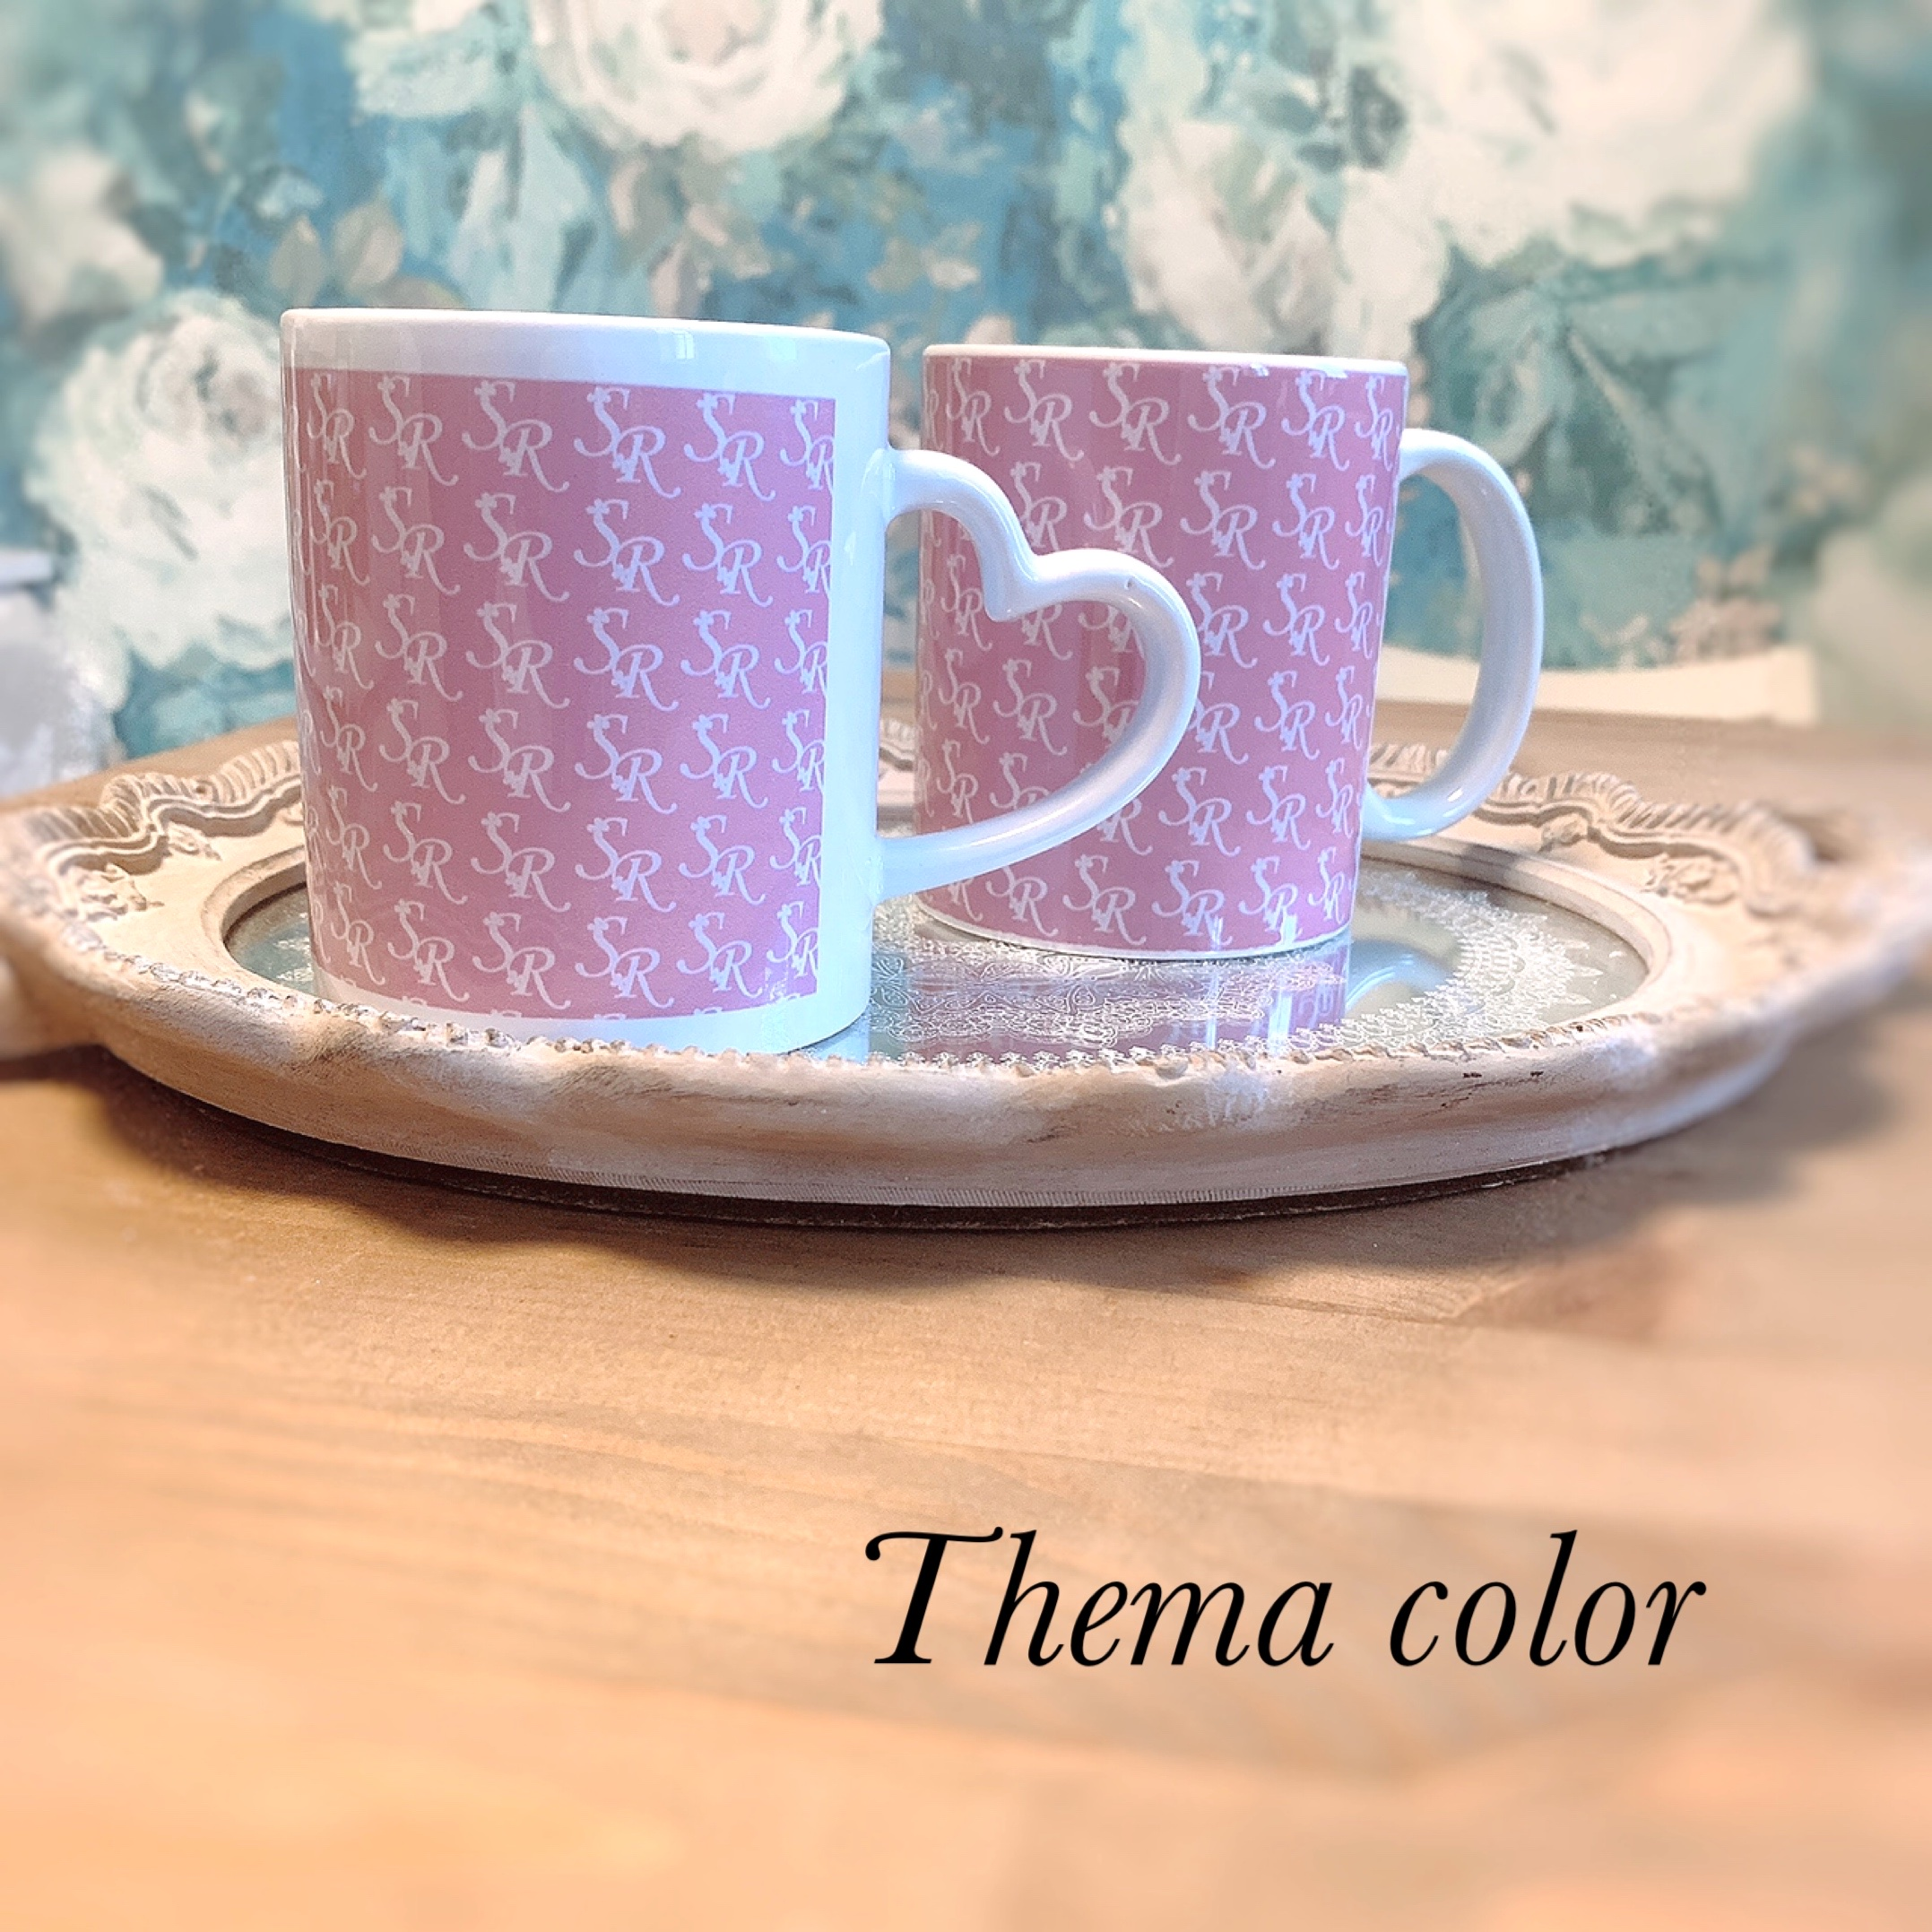 SweetRoomオリジナルマグカップ×ラッキーカラーを選んでね